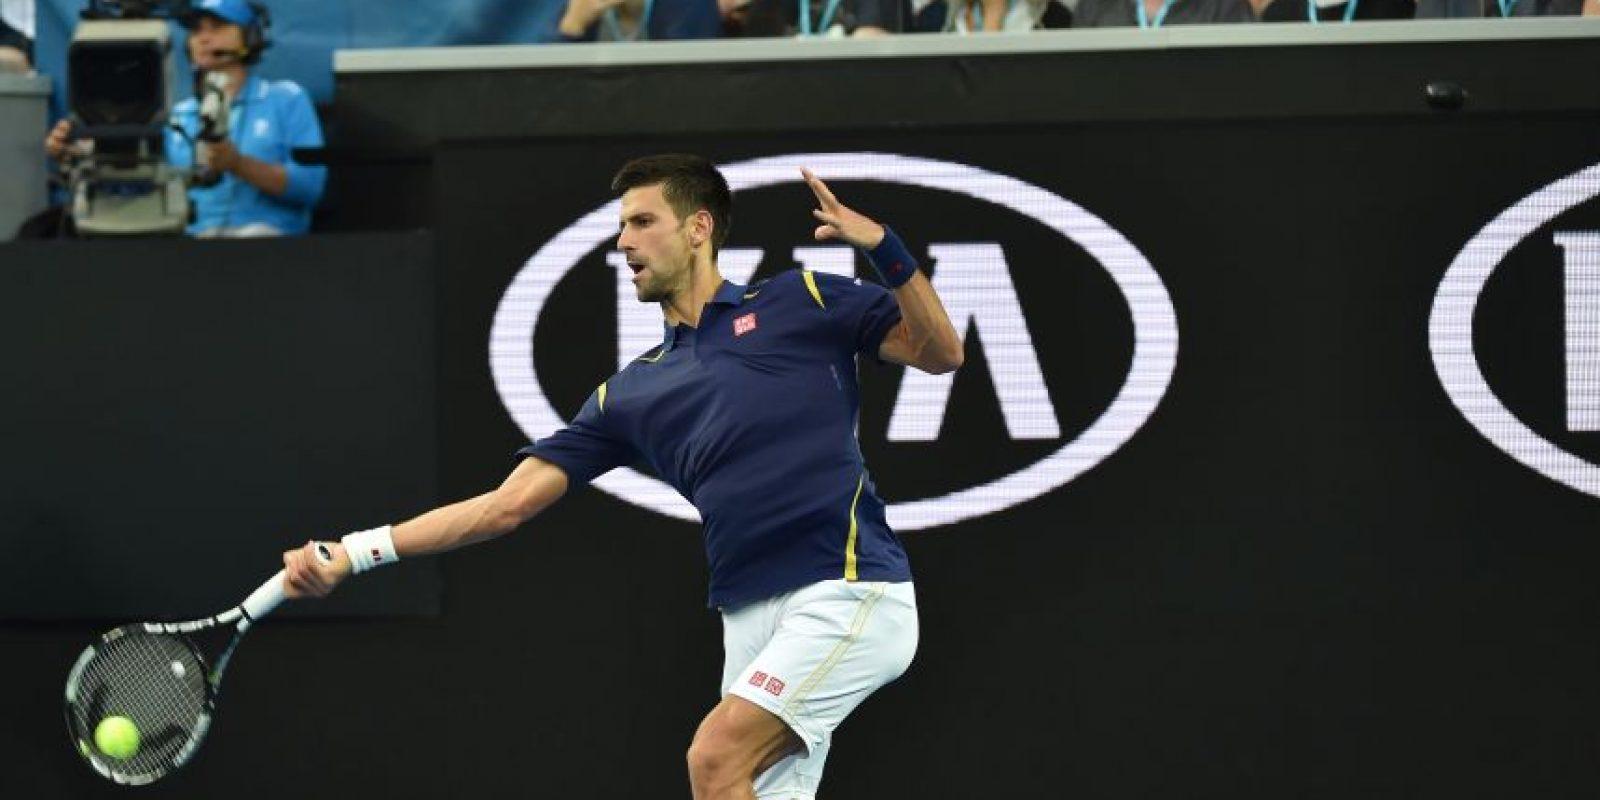 El número 1 de la ATP devuelve un servicio. Foto:AFP